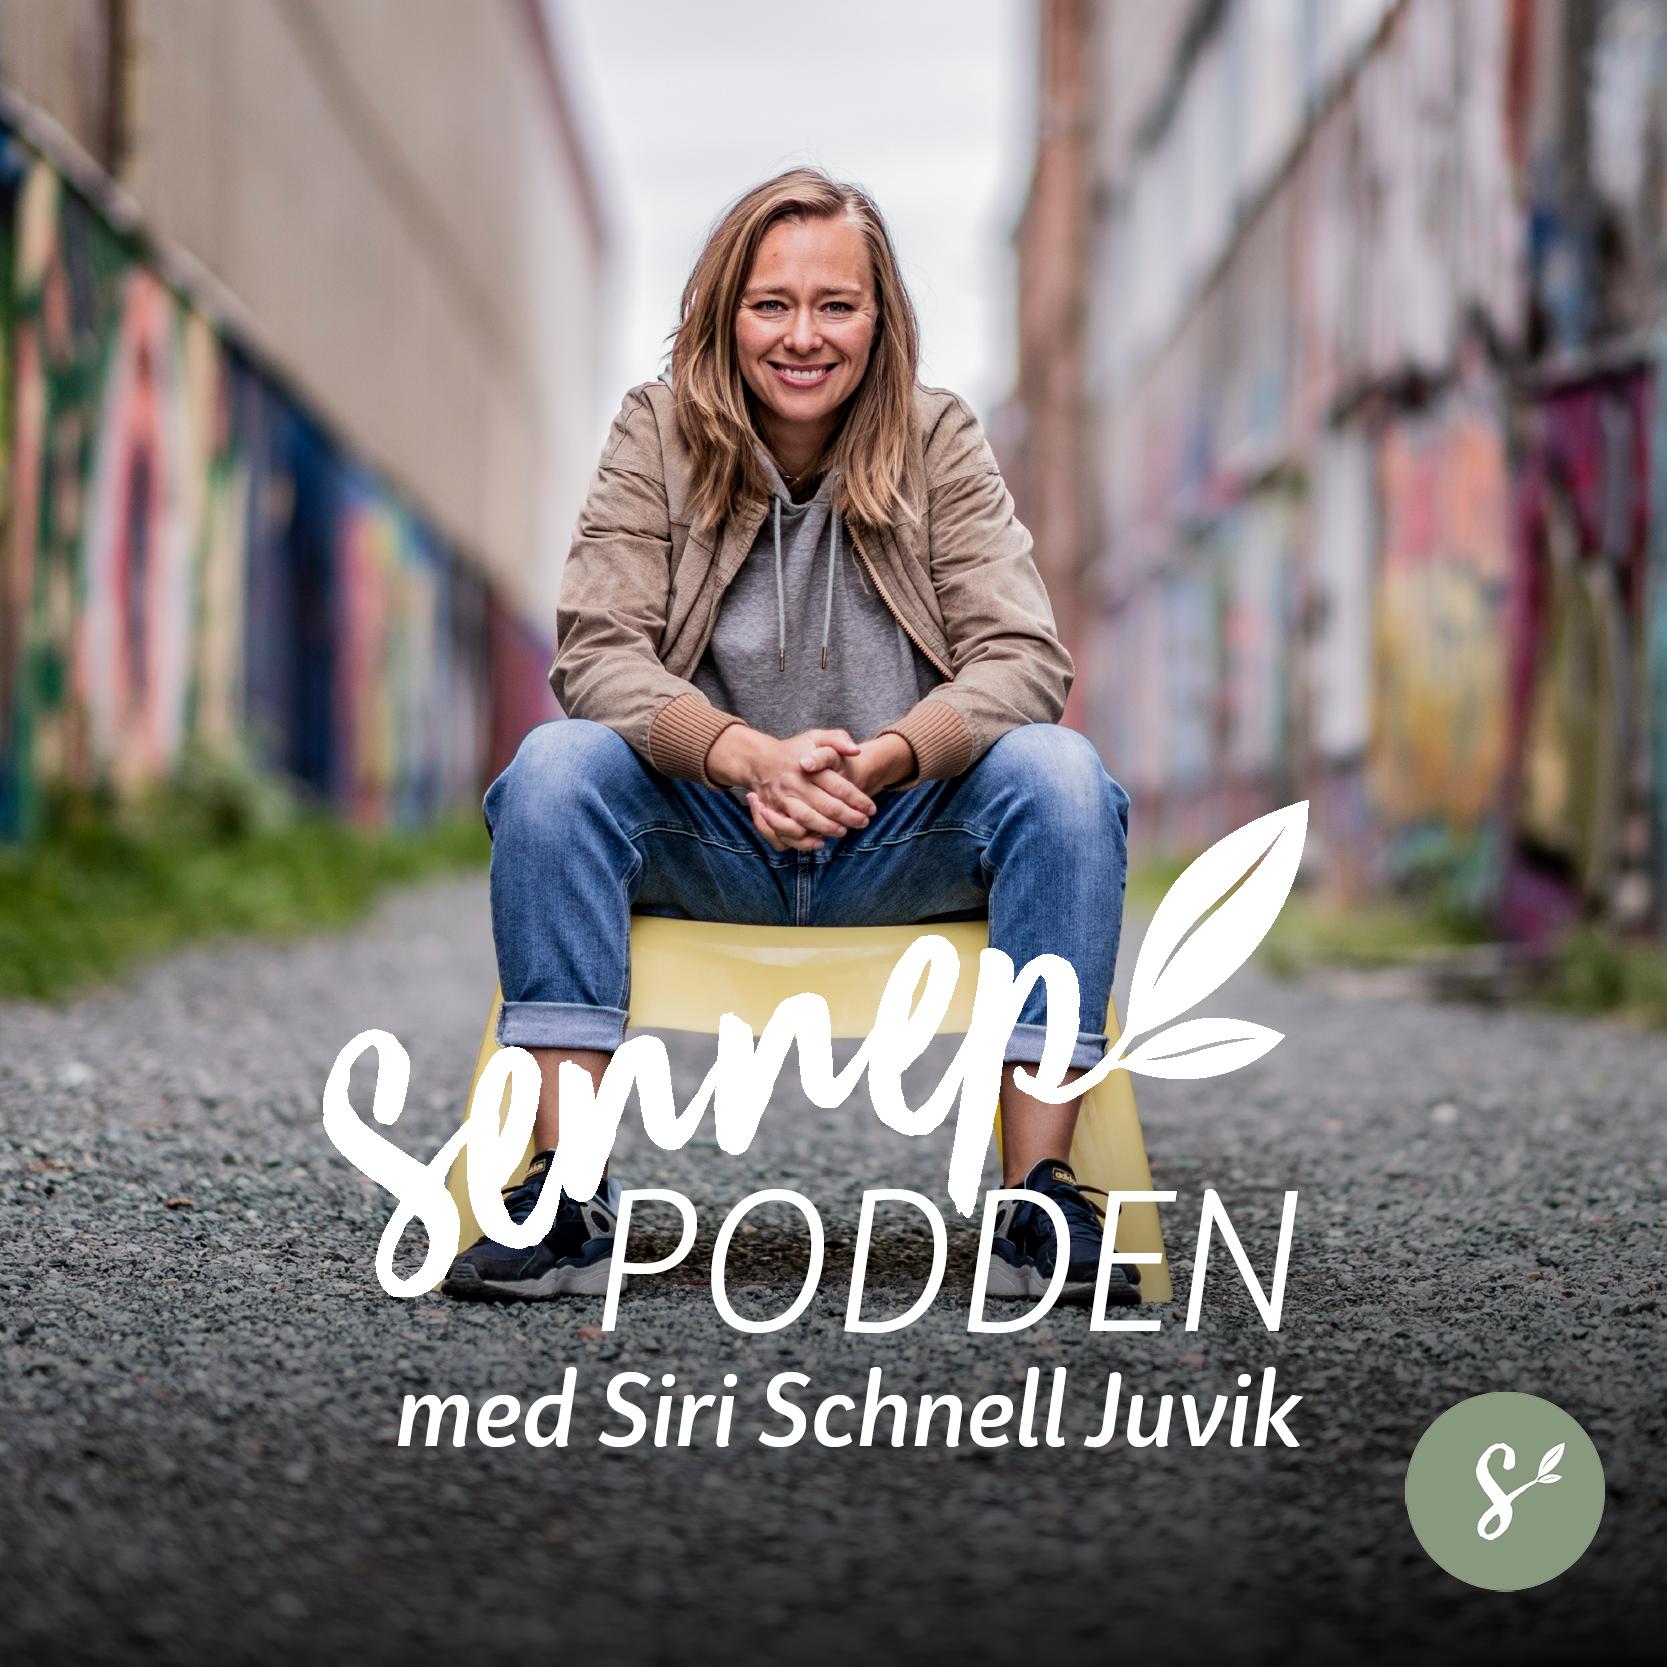 Podcast: Sennep-podden med Karina